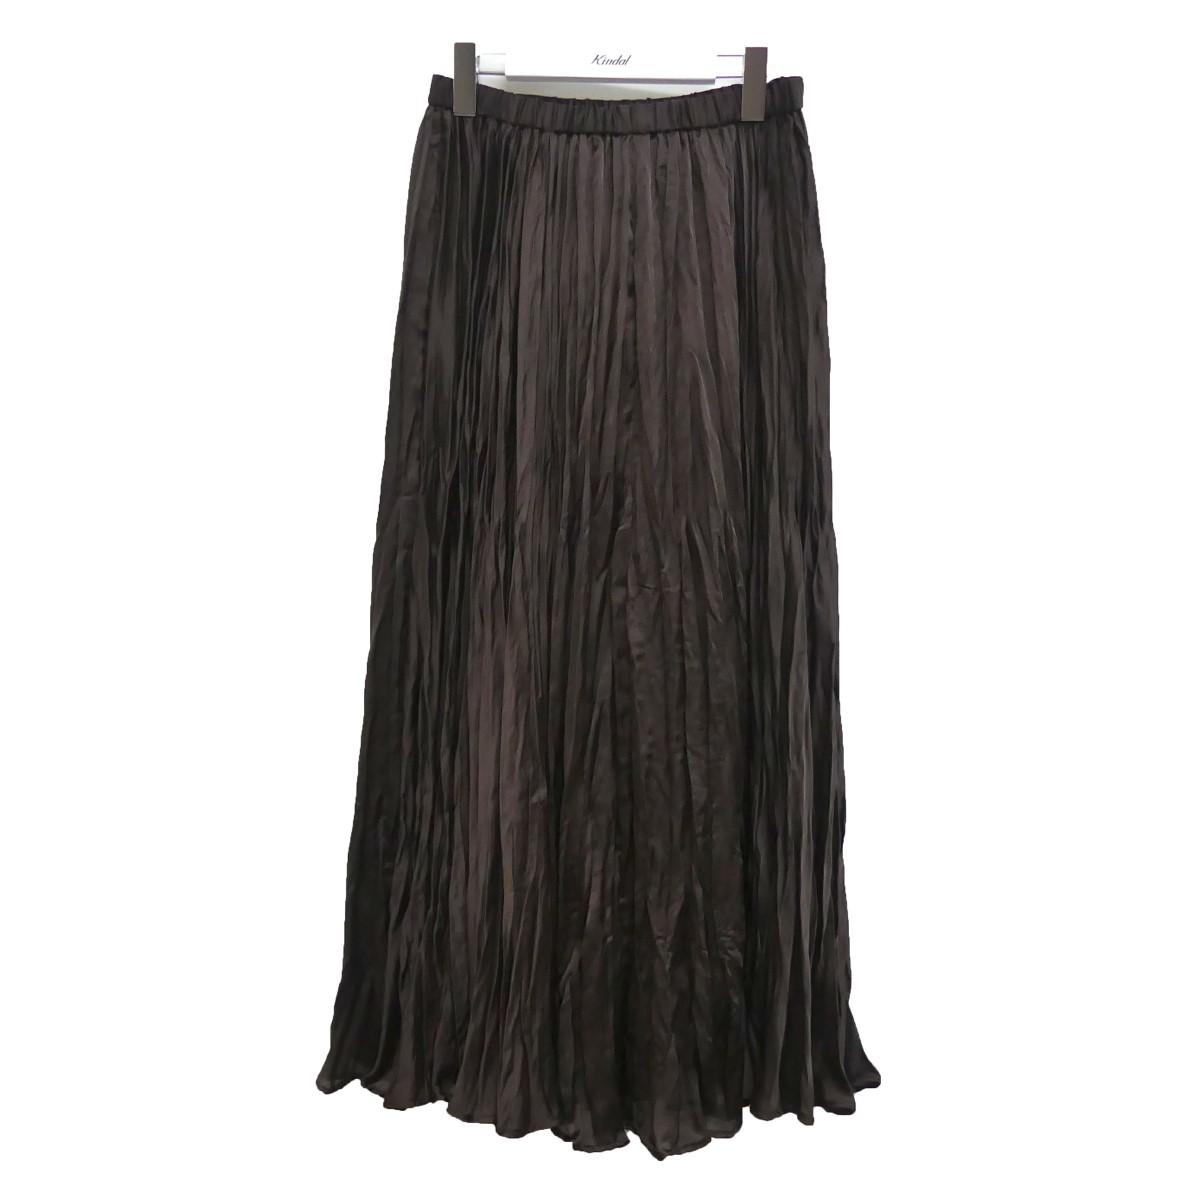 【中古】DEUXIEME CLASSE 20SS プリーツスカート ブラウン サイズ:FREE 【240820】(ドゥーズィエムクラス)